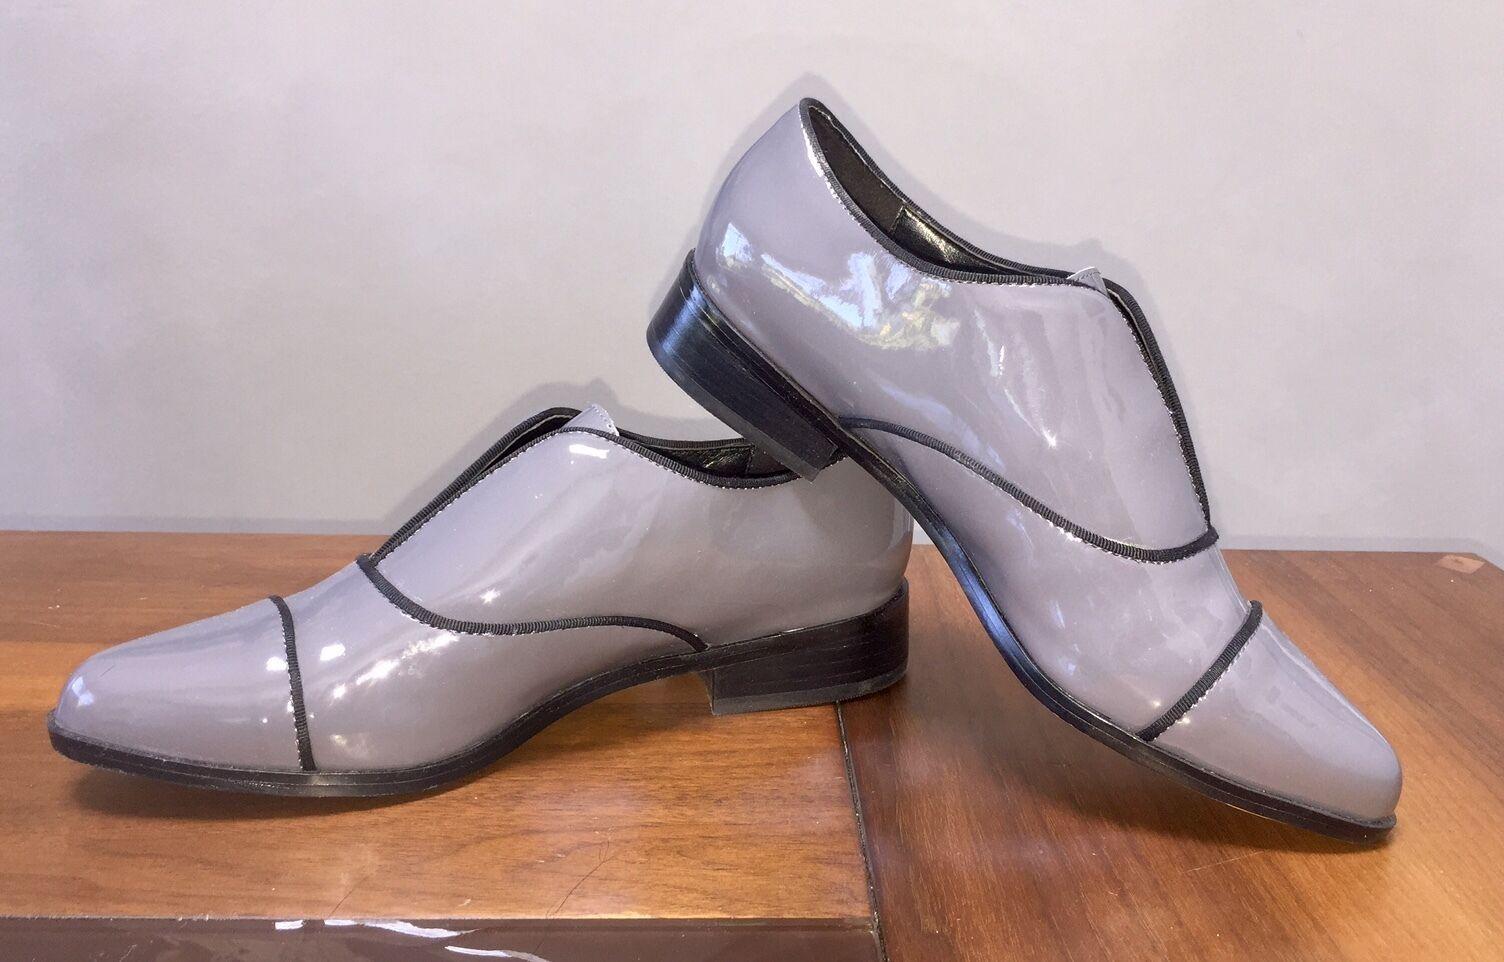 Nuevas damas damas damas Informal Zapatos Saks Fifth Avenue Freya gris Tamaño 7.5 US Dolice Vita  precios mas bajos